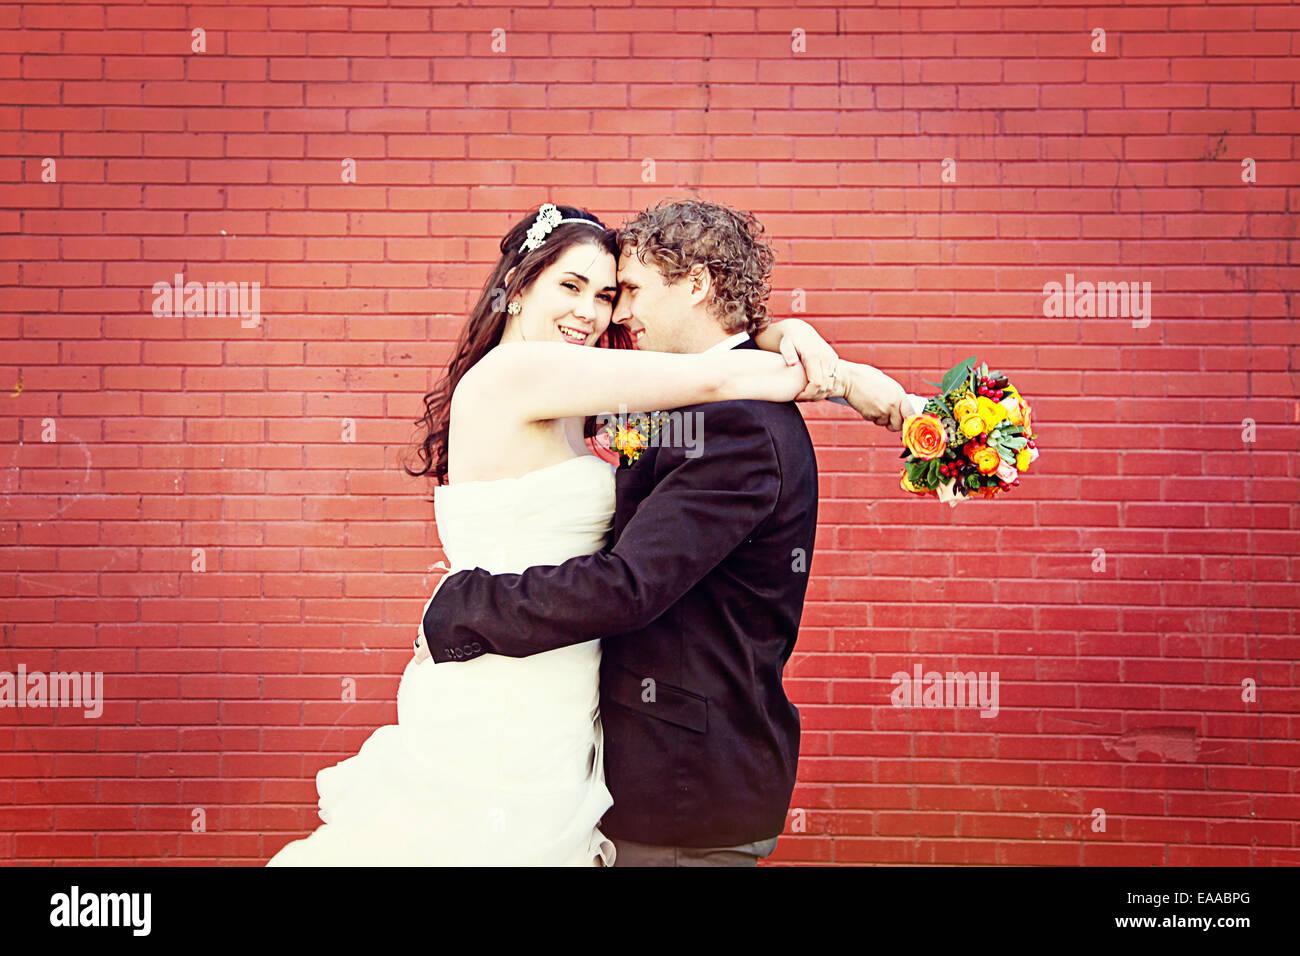 Hochzeitspaar auf Tag - Hochzeit, Braut und Bräutigam Stockfoto